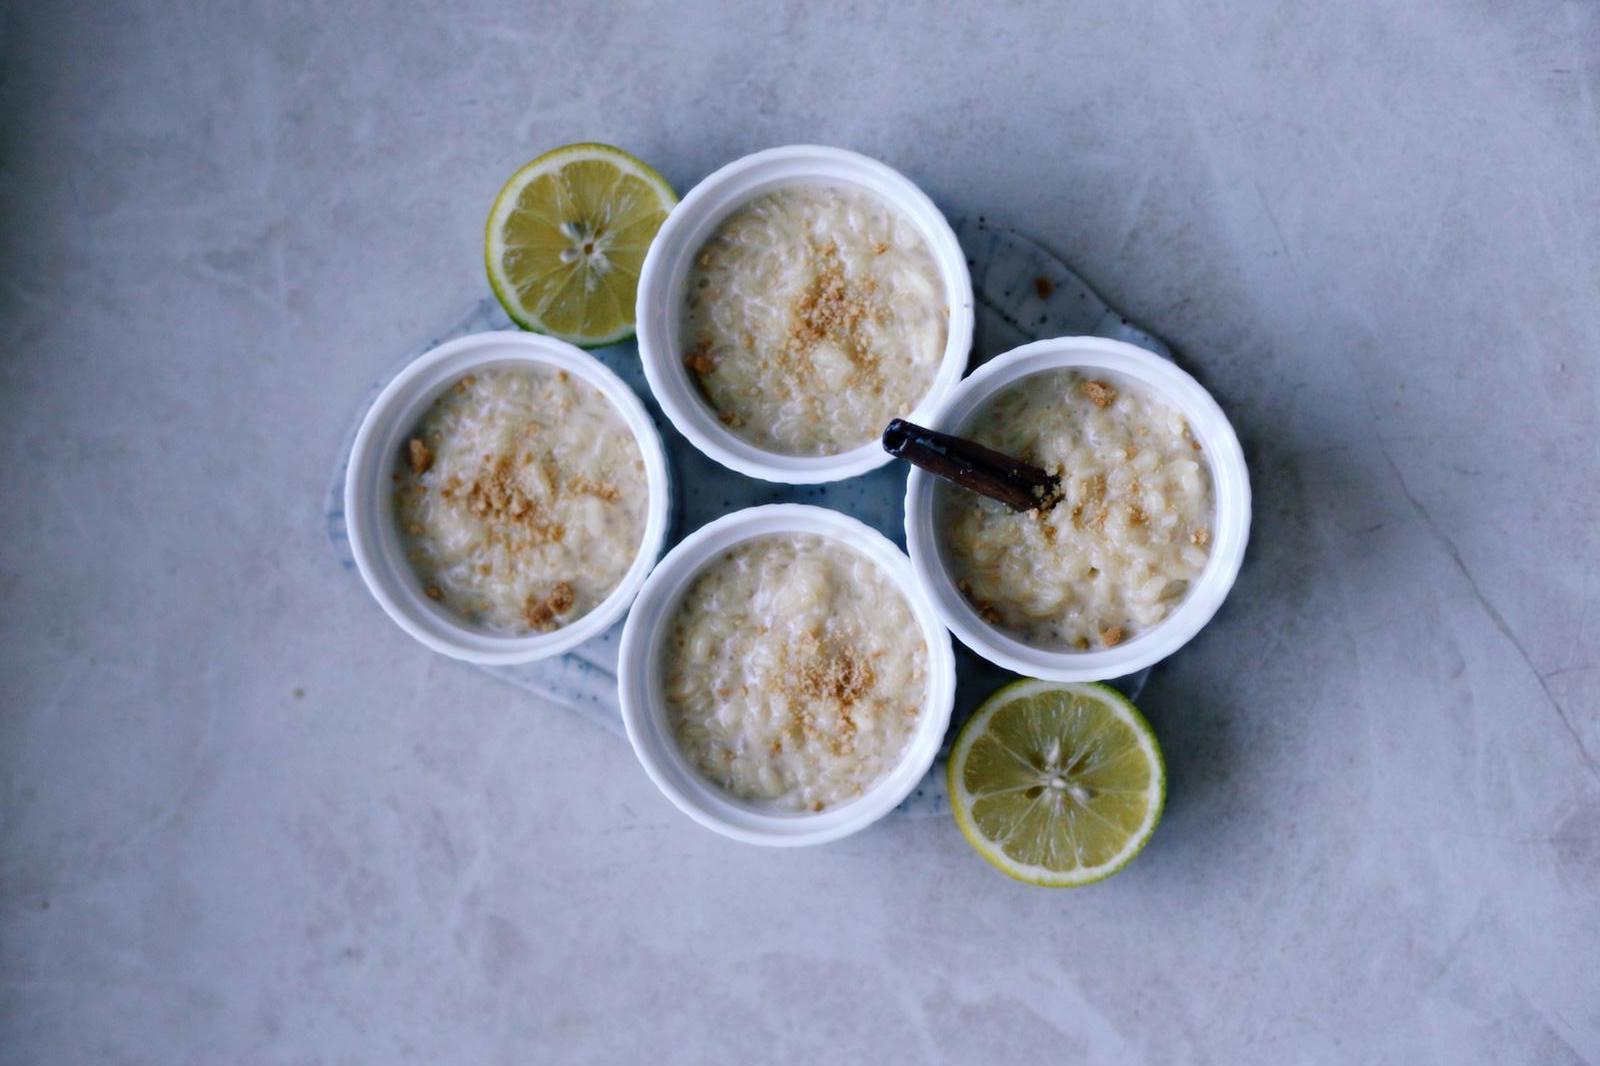 arroz-con-leche-y-turron-de-oh-mami-blue-servido-con-canela-y-lima